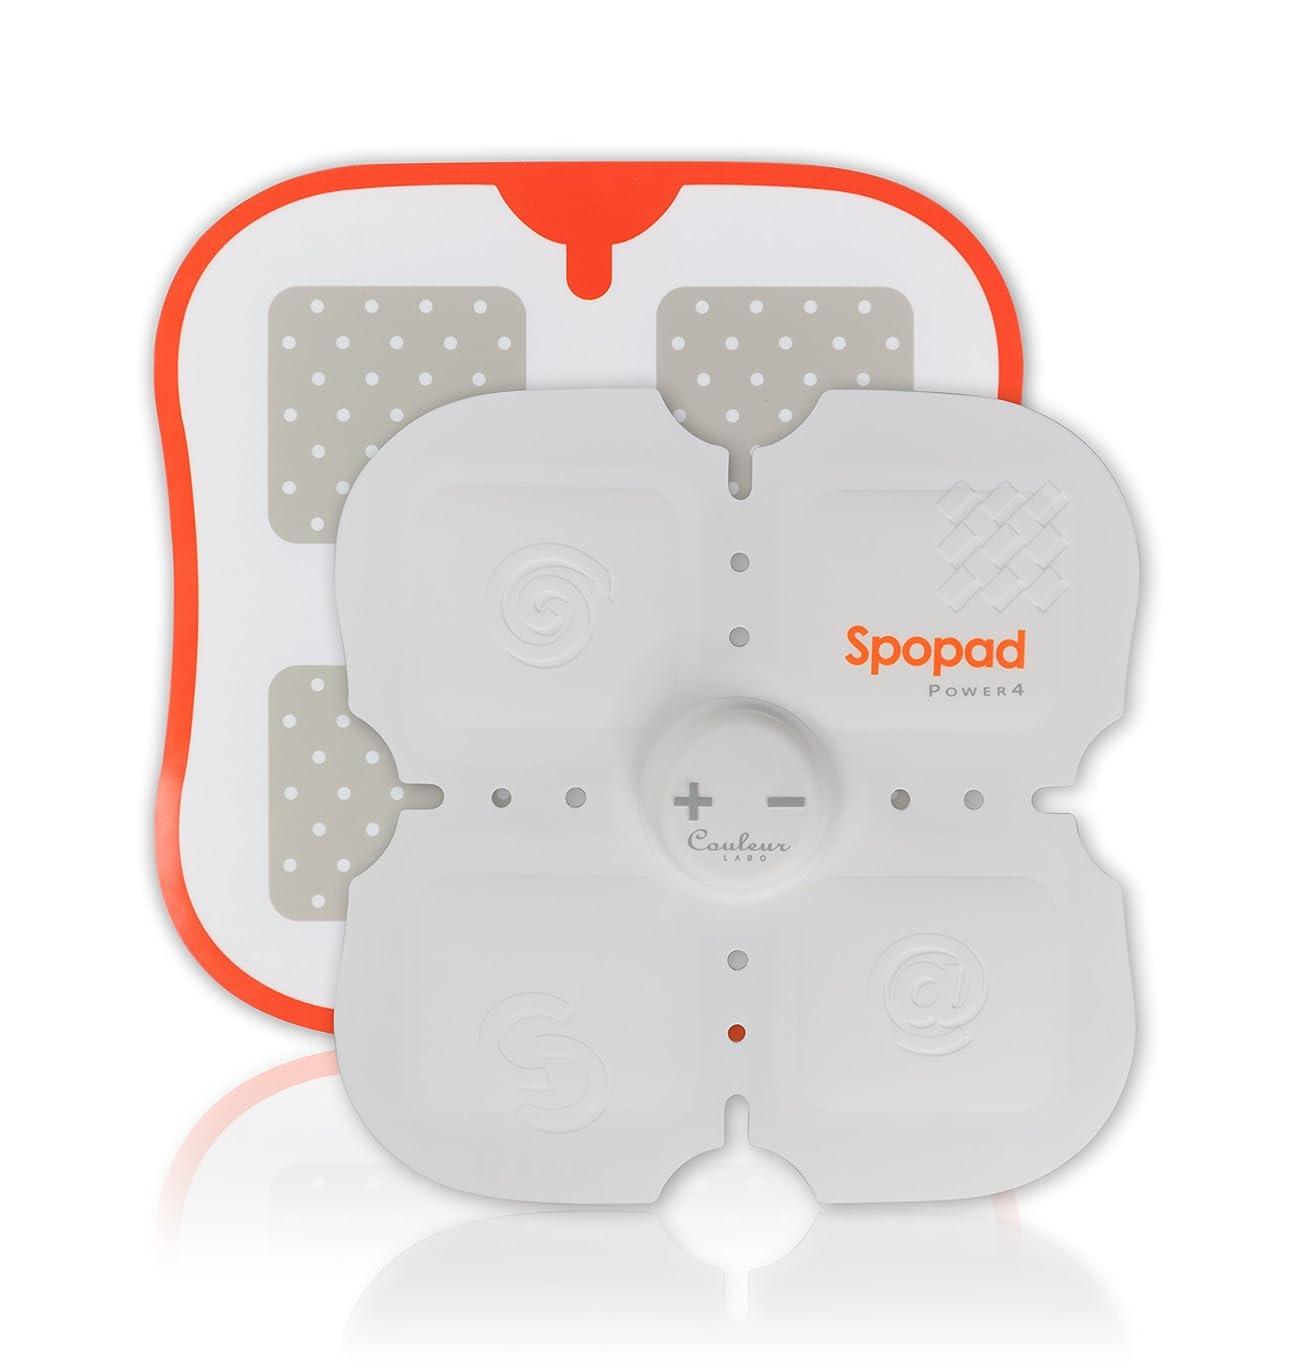 有害一貫性のない脳SPOPAD POWER4(スポパッドパワーフォー) 家庭用EMS運動機器、超薄型、超軽量、ワイヤレス、ハンズフリー